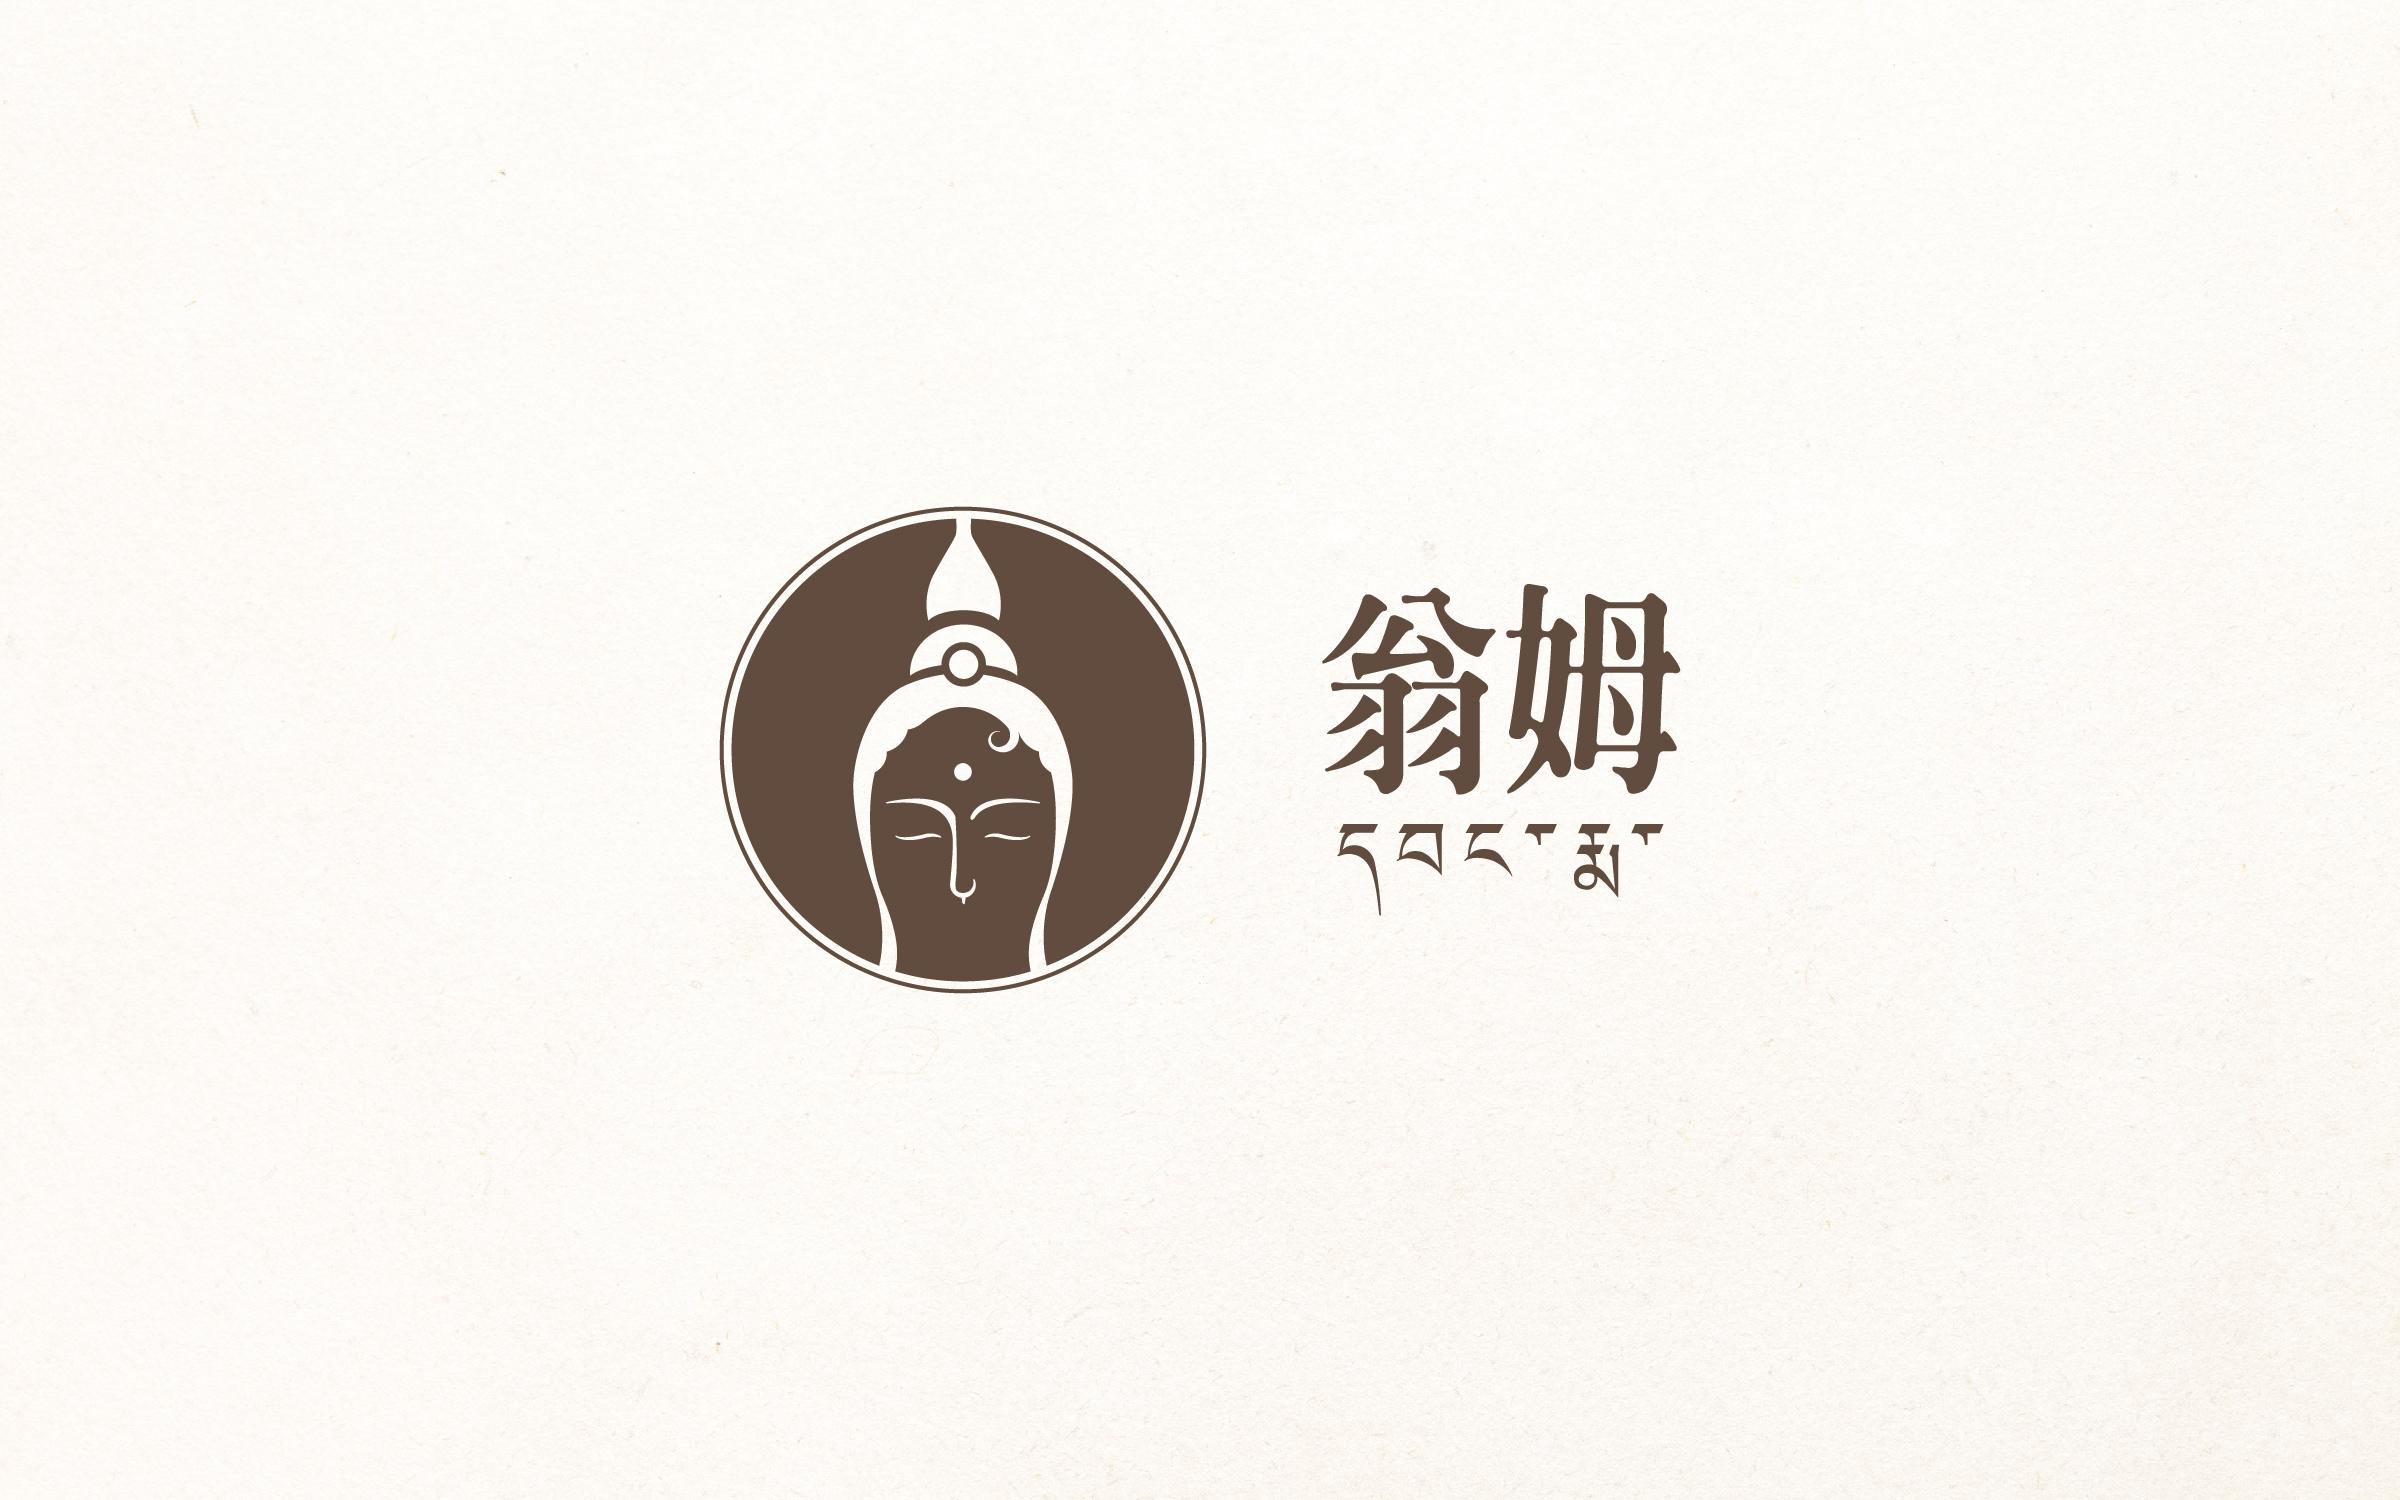 面膜logo设计图展示